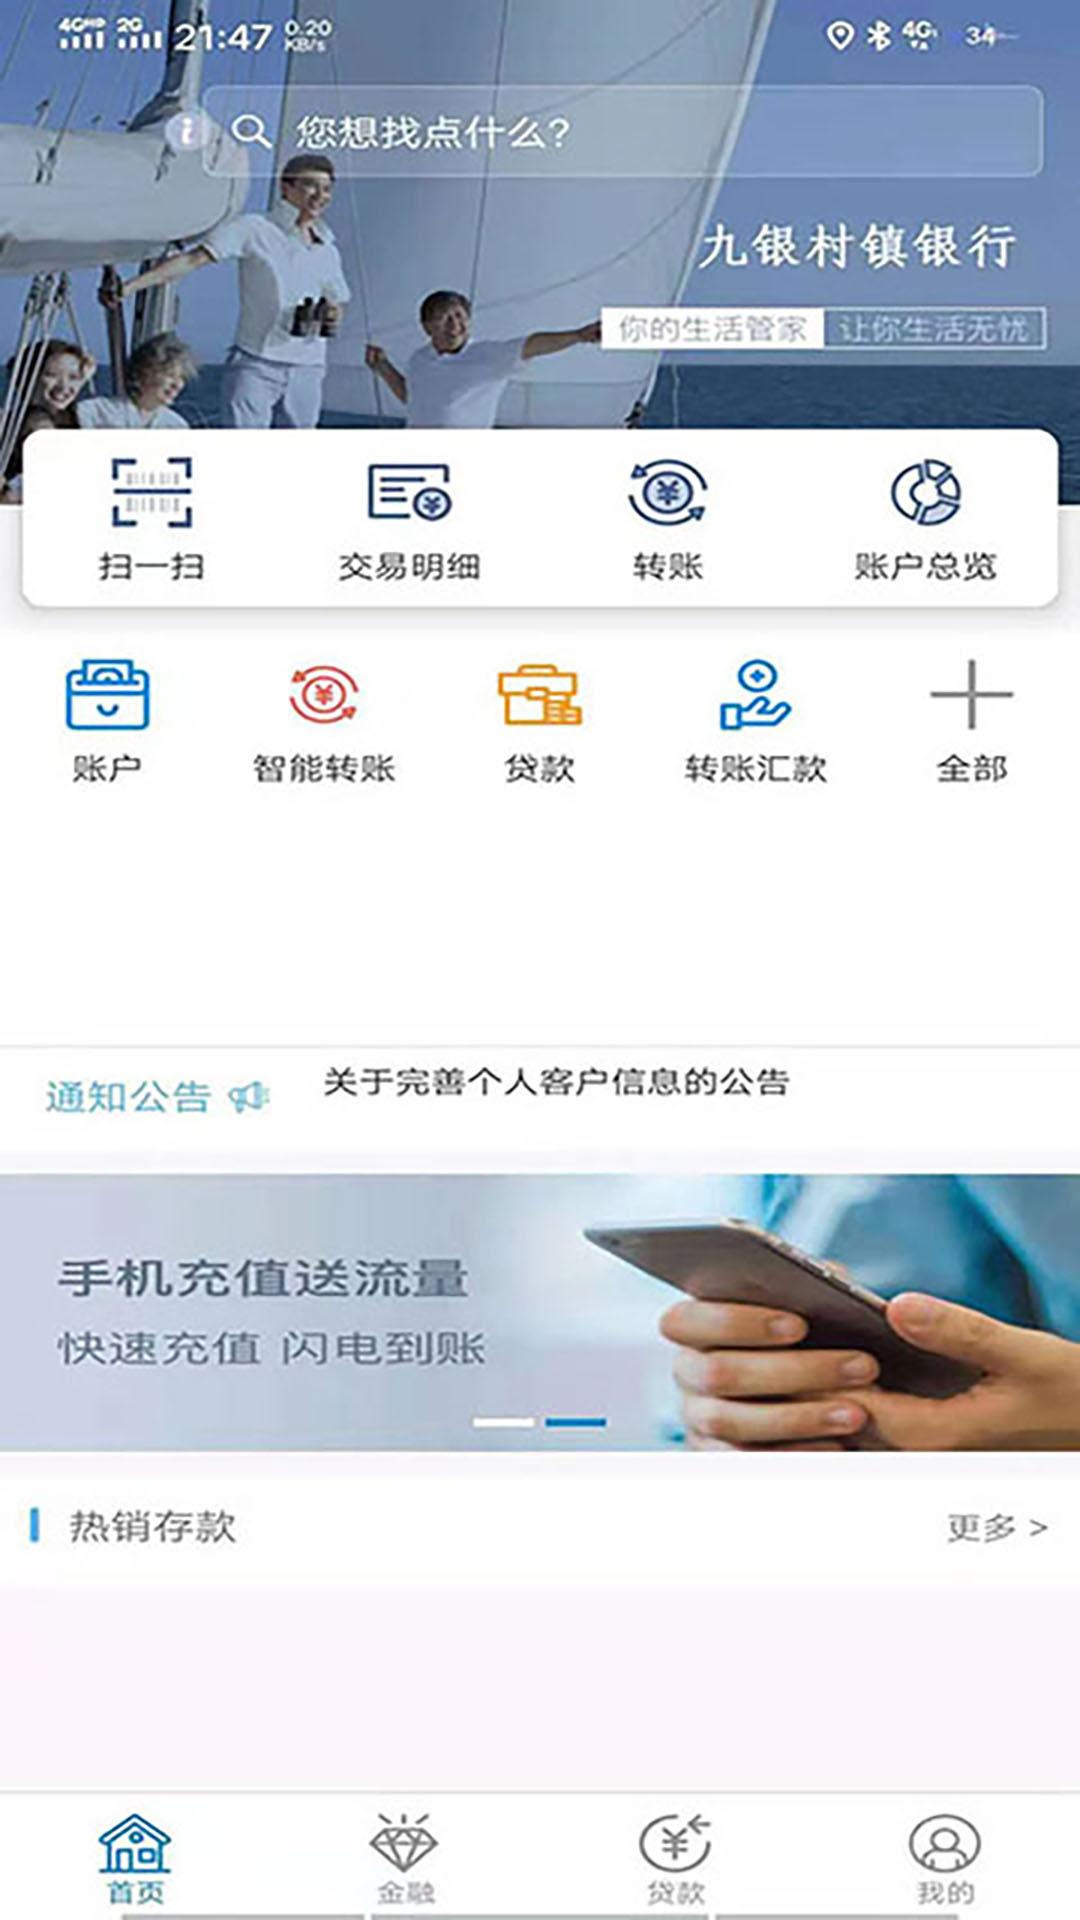 九银村镇银行手机版v4.3.7安卓版截图0